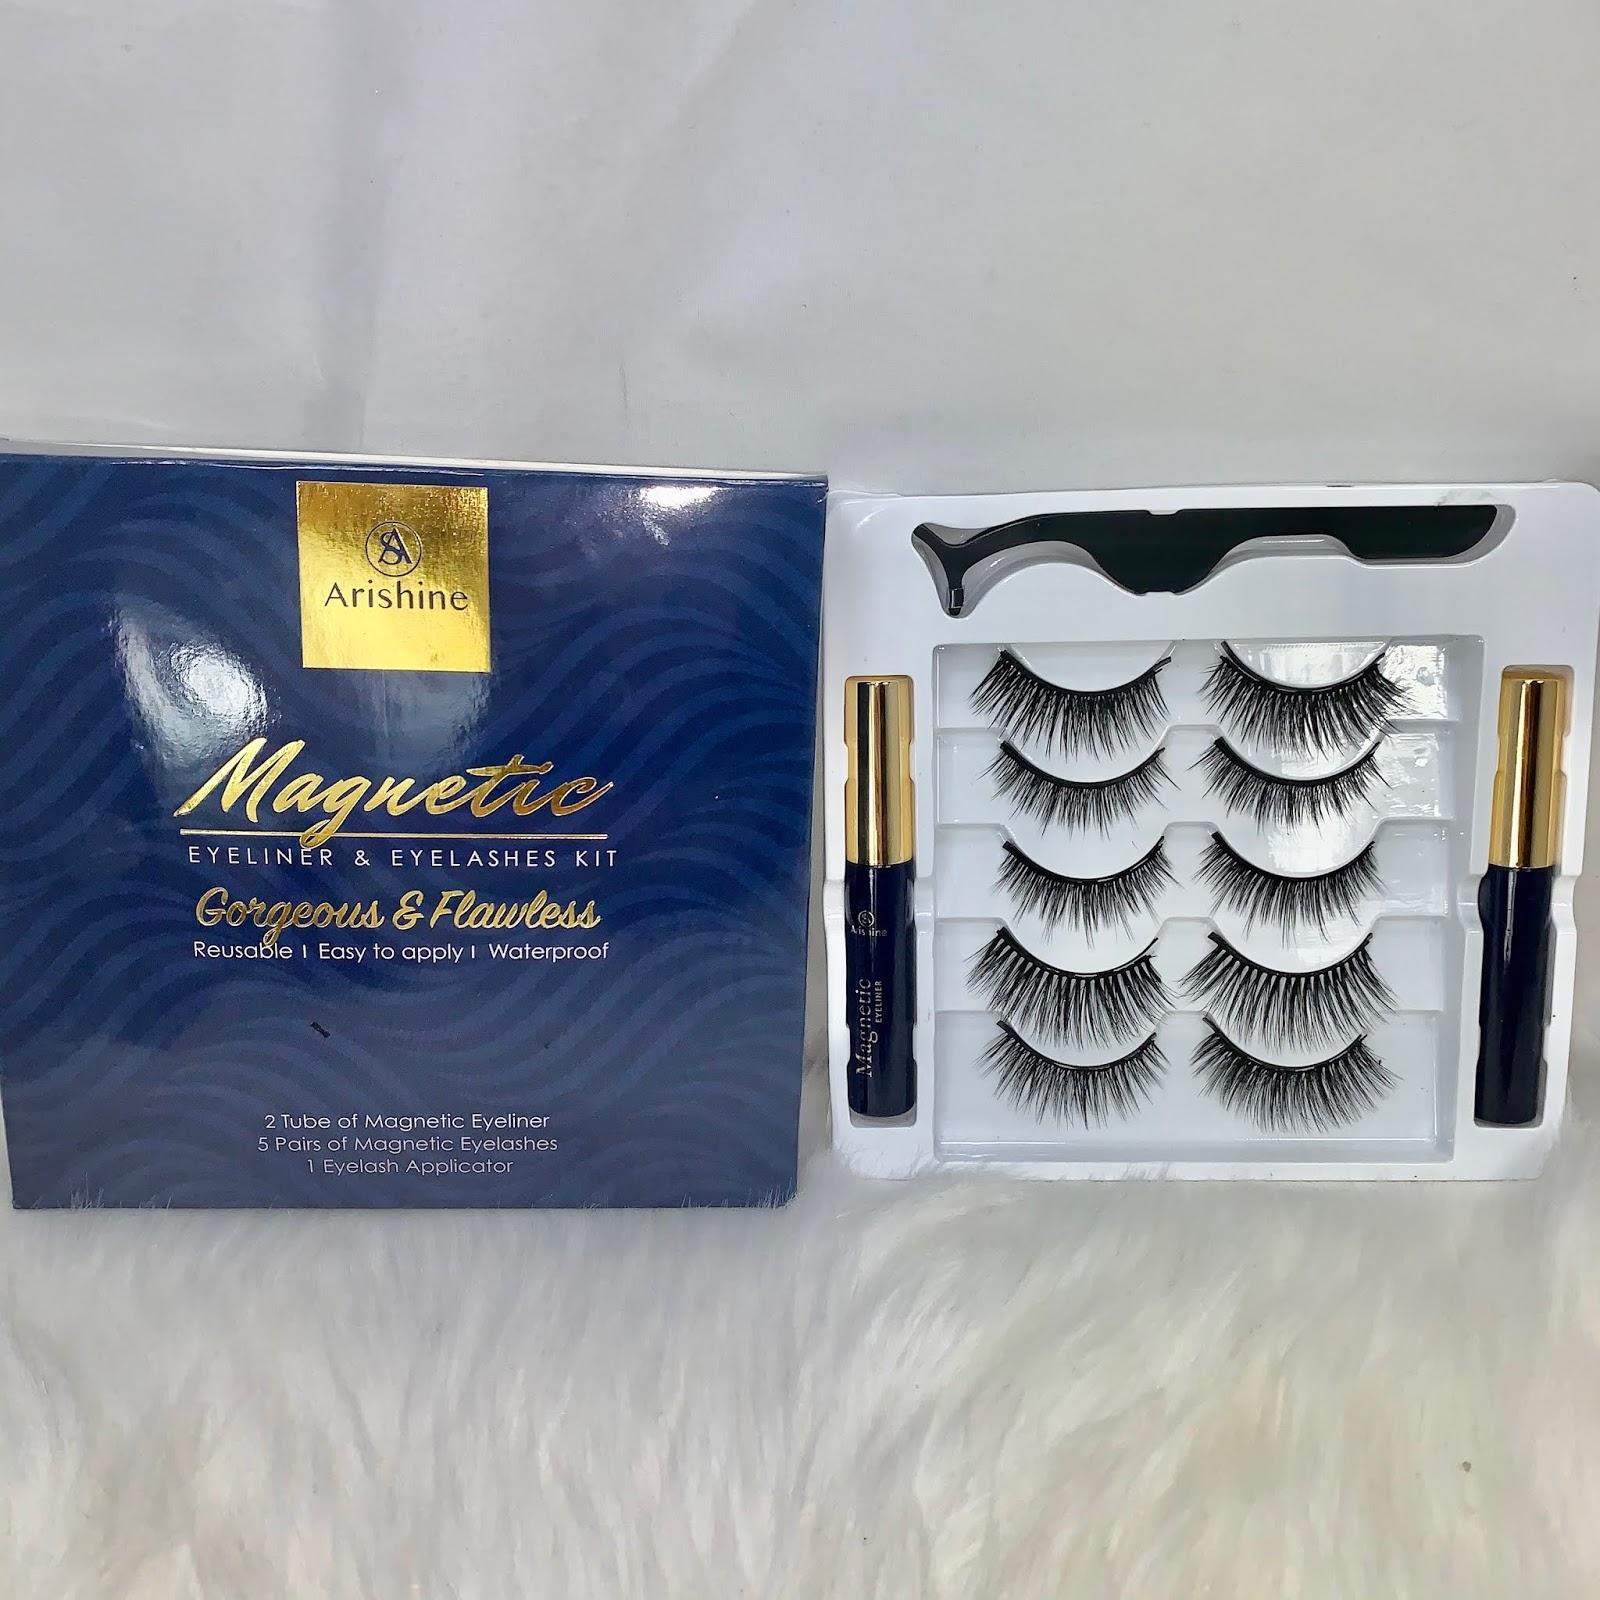 Amazon Magnetic Lashes (Arishine Magnetic Lashes)